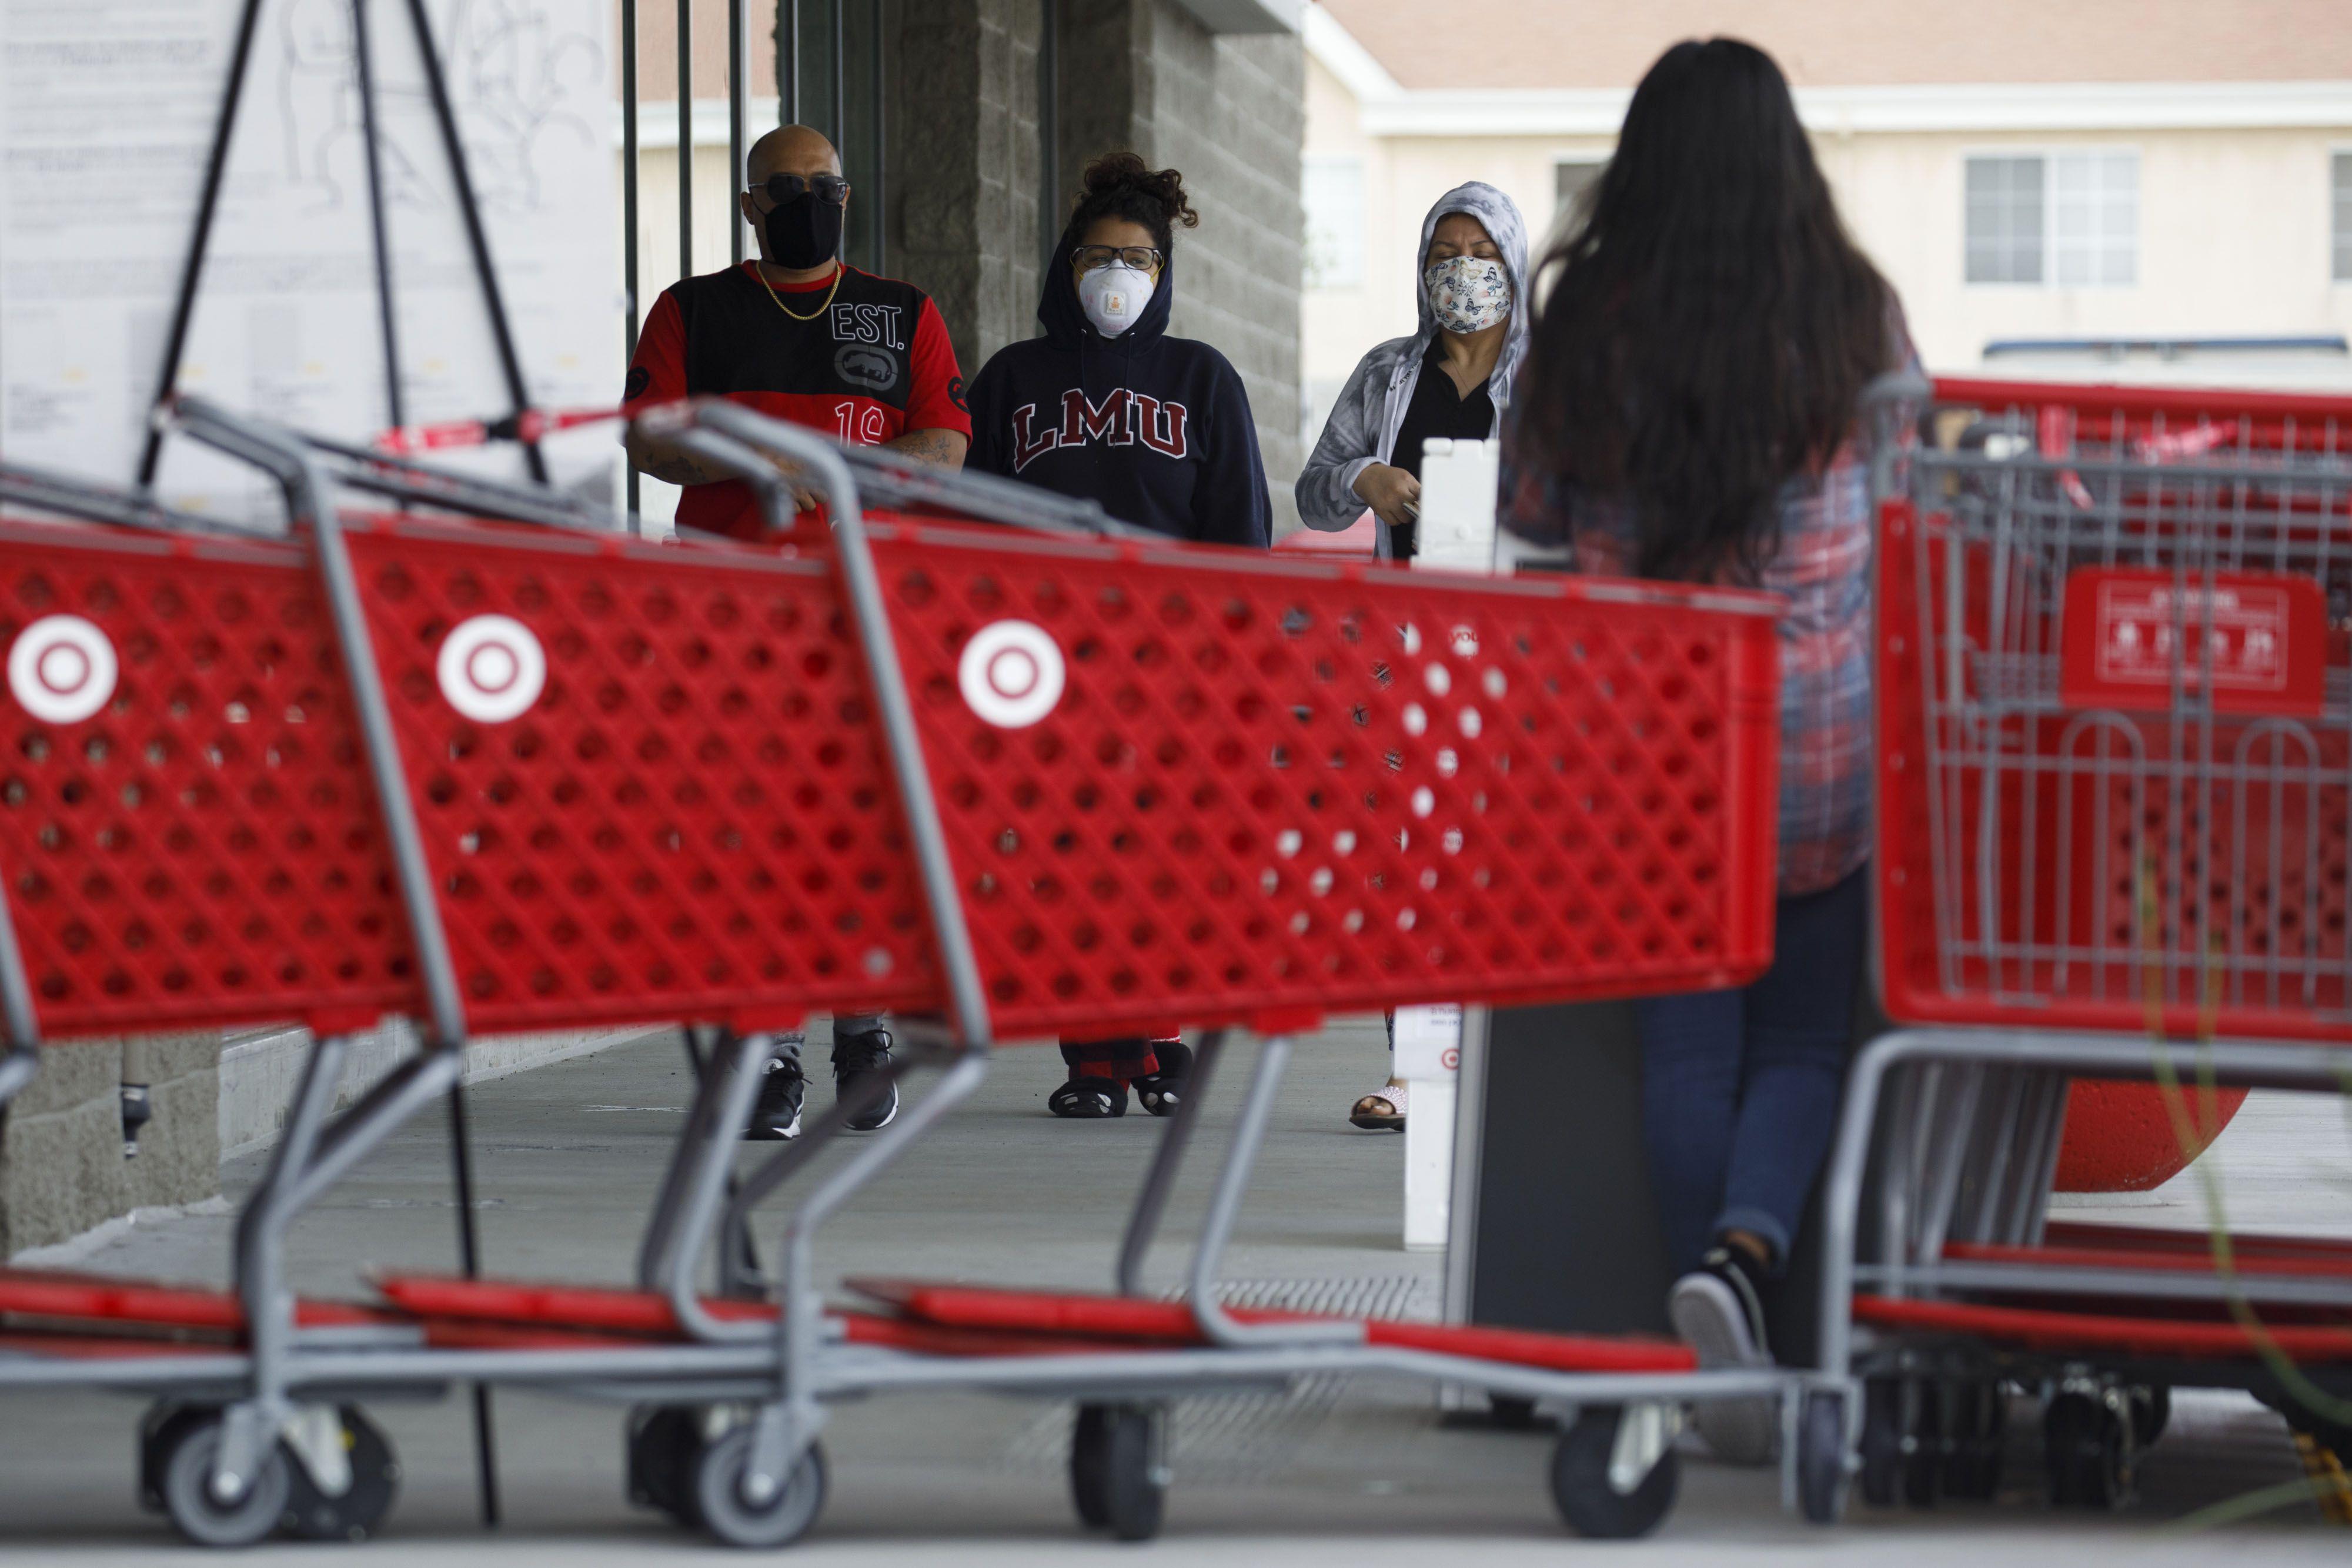 Target ha recibido siete quejas en lugar de trabajo relacionadas a violaciones de COVID-19 en Massachusetts, de acuerdo a información del estado obtenida a través de récords públicos solicitados por el Business Journal. | FOTO: Bloomberg photo by Patrick T. Fallon